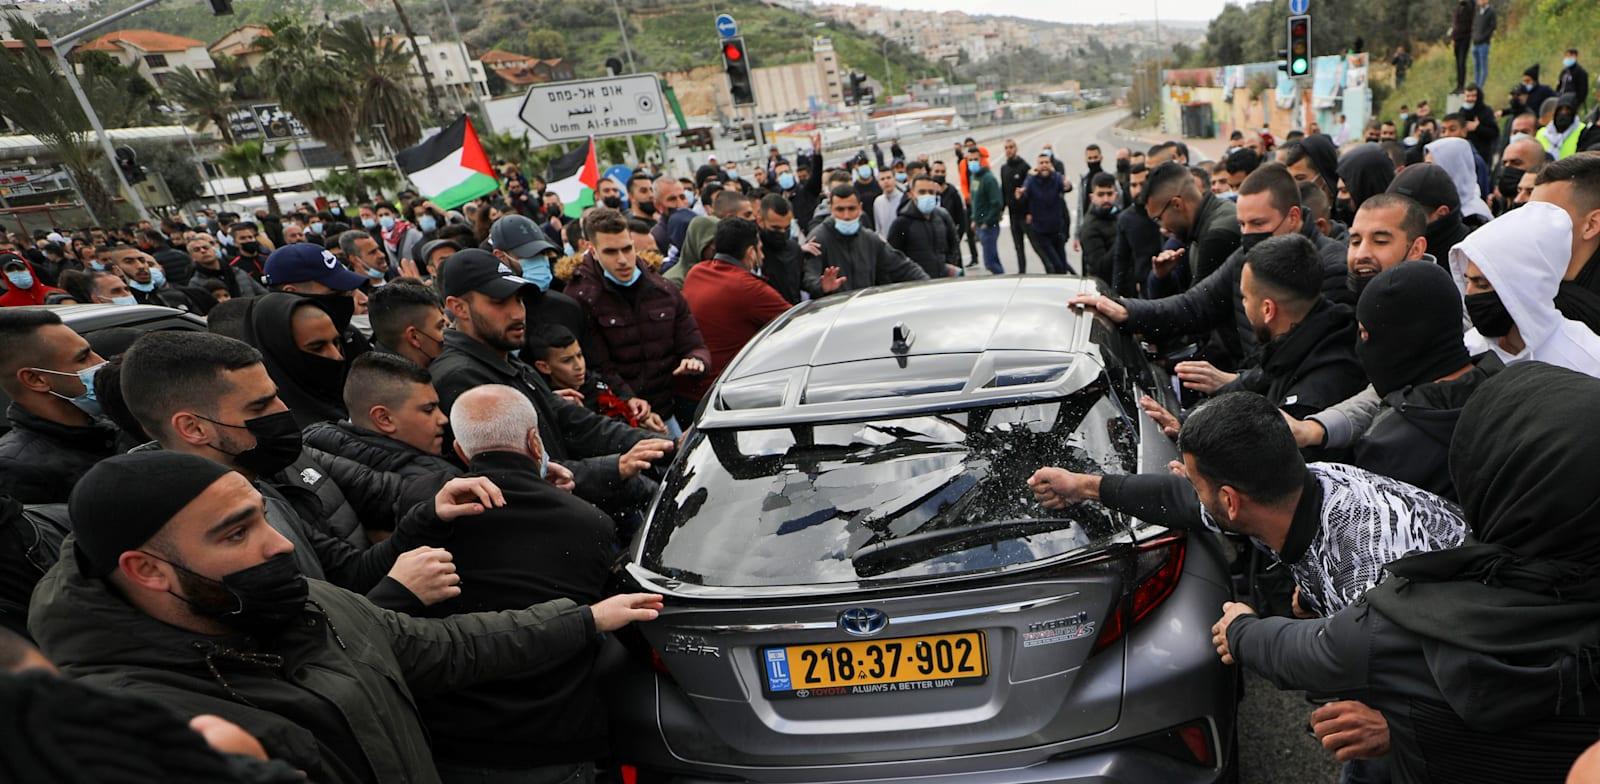 הפגנה באום אל פאחם נגד ההתעלמות המשטרתית מהפשיעה בחברה הערבית / צילום: Reuters, AMMAR AWAD